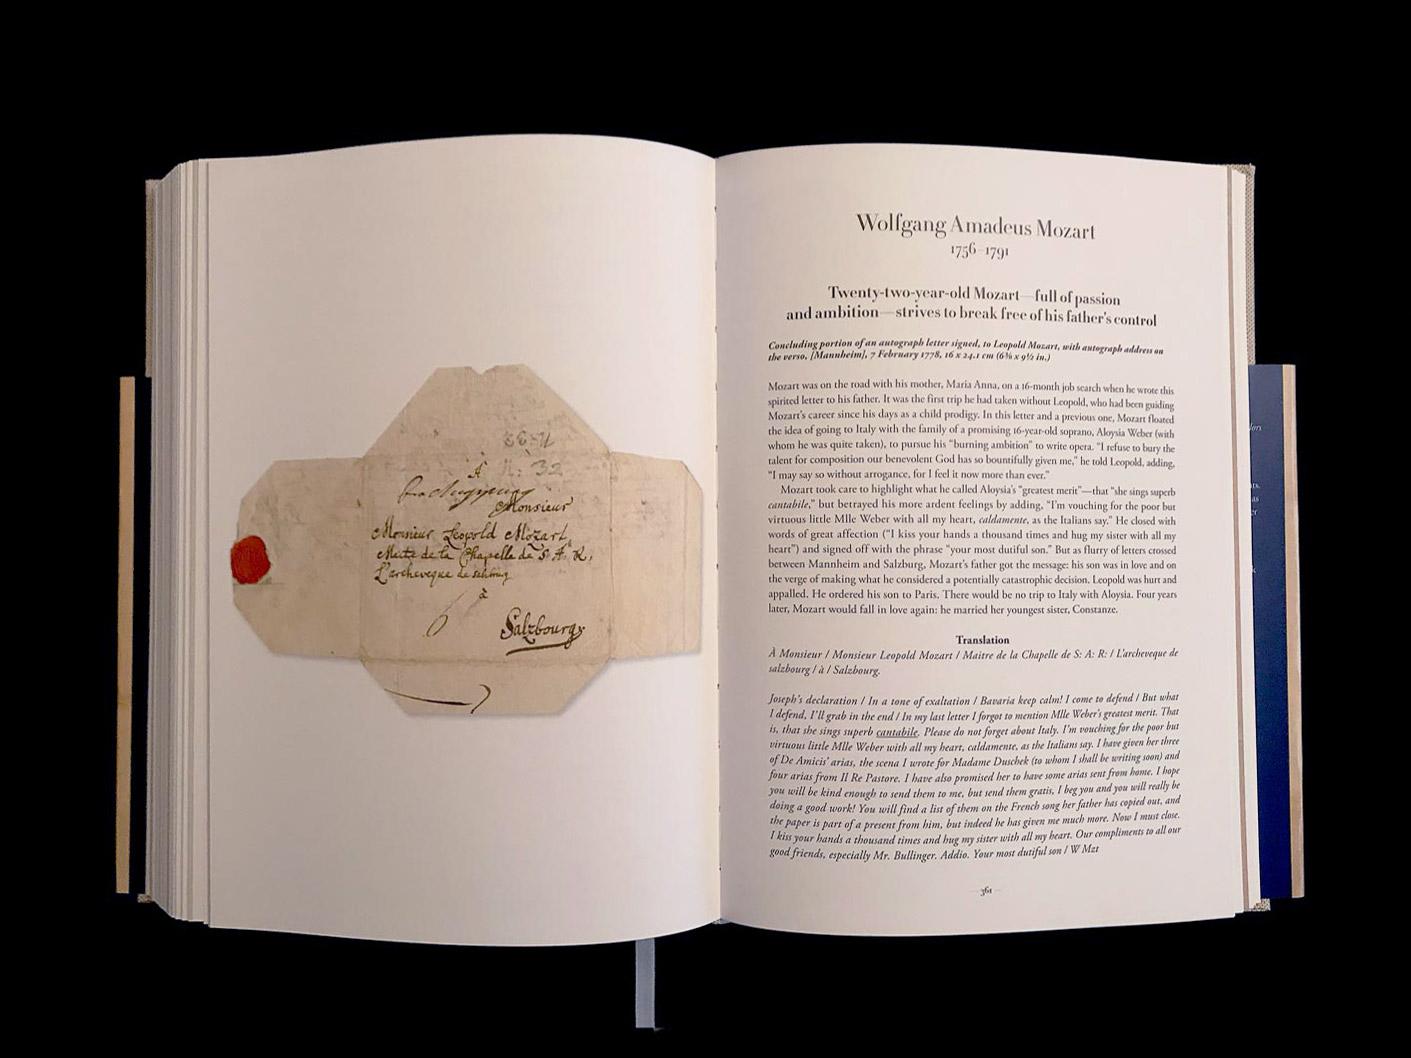 Wolfgang Amadeus Mozart, partie finale d'une lettre autographe signée à Léopold Mozart, avec adresse autographe au verso, [Mannheim], 7 février 1778. Mozart, âgé de 22 ans - plein de passion et d'ambition - s'efforce de se libérer du contrôle de son père. © Passéisme.